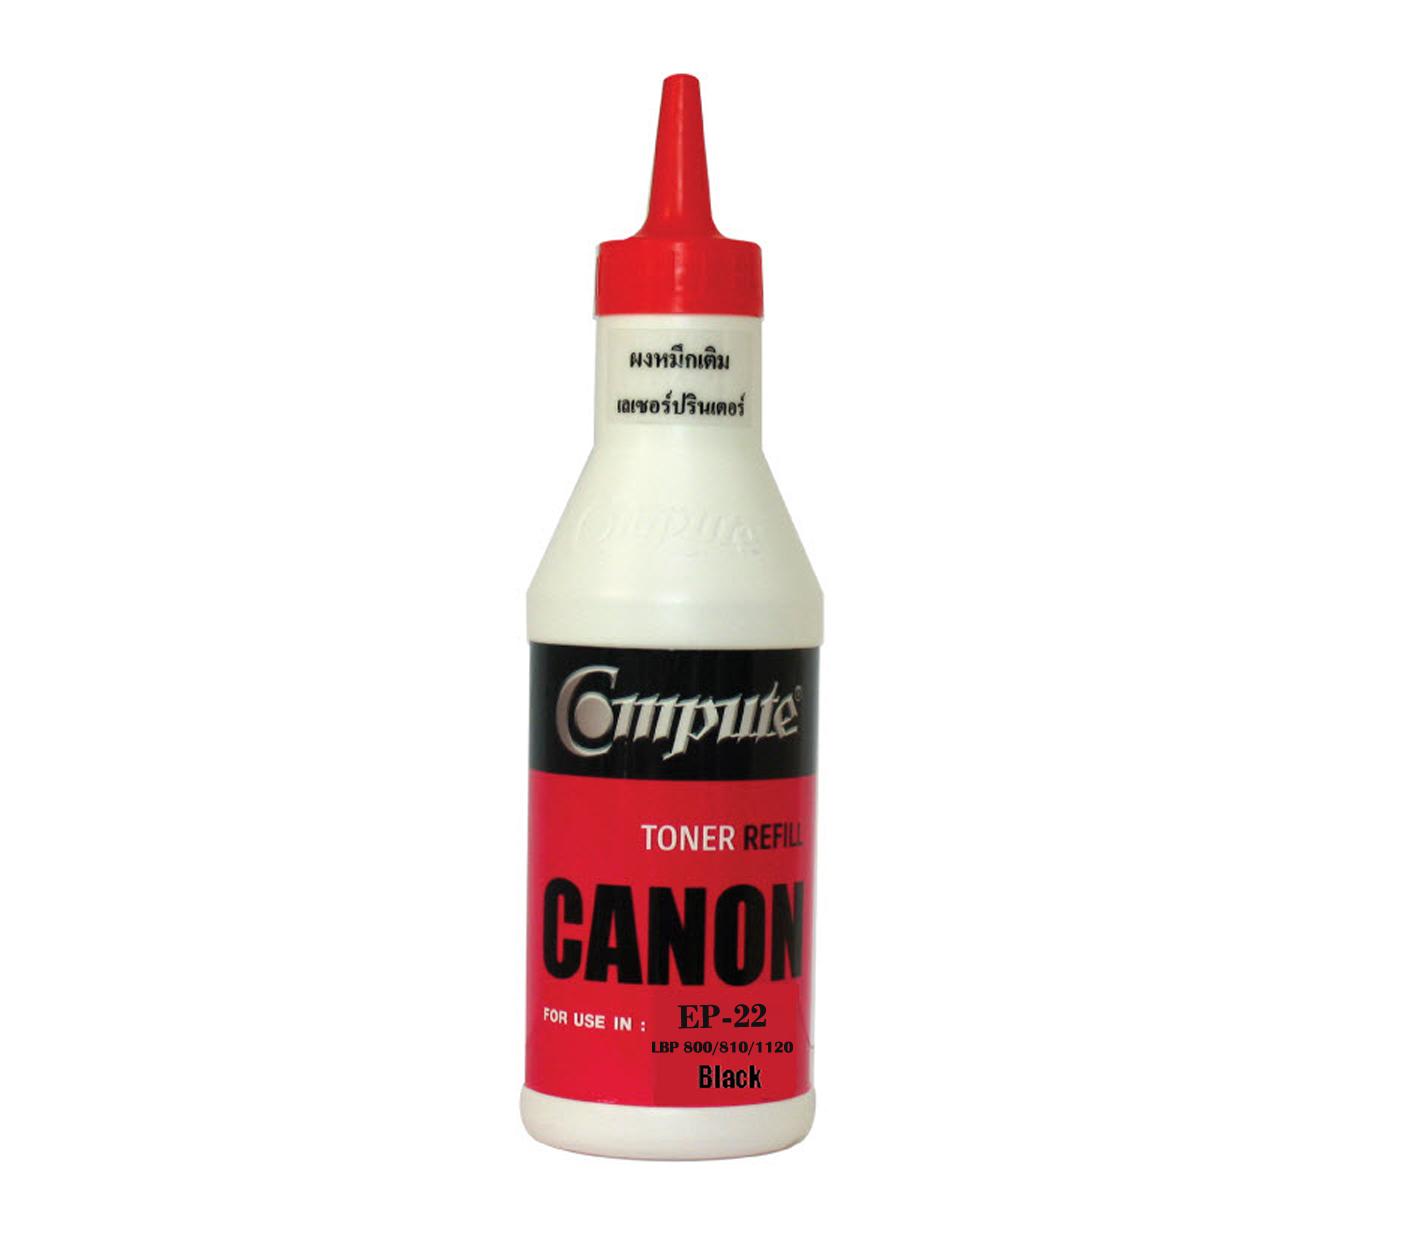 ผงหมึกเติม CANON EP-22 คอมพิวท์ (Refill Toner)